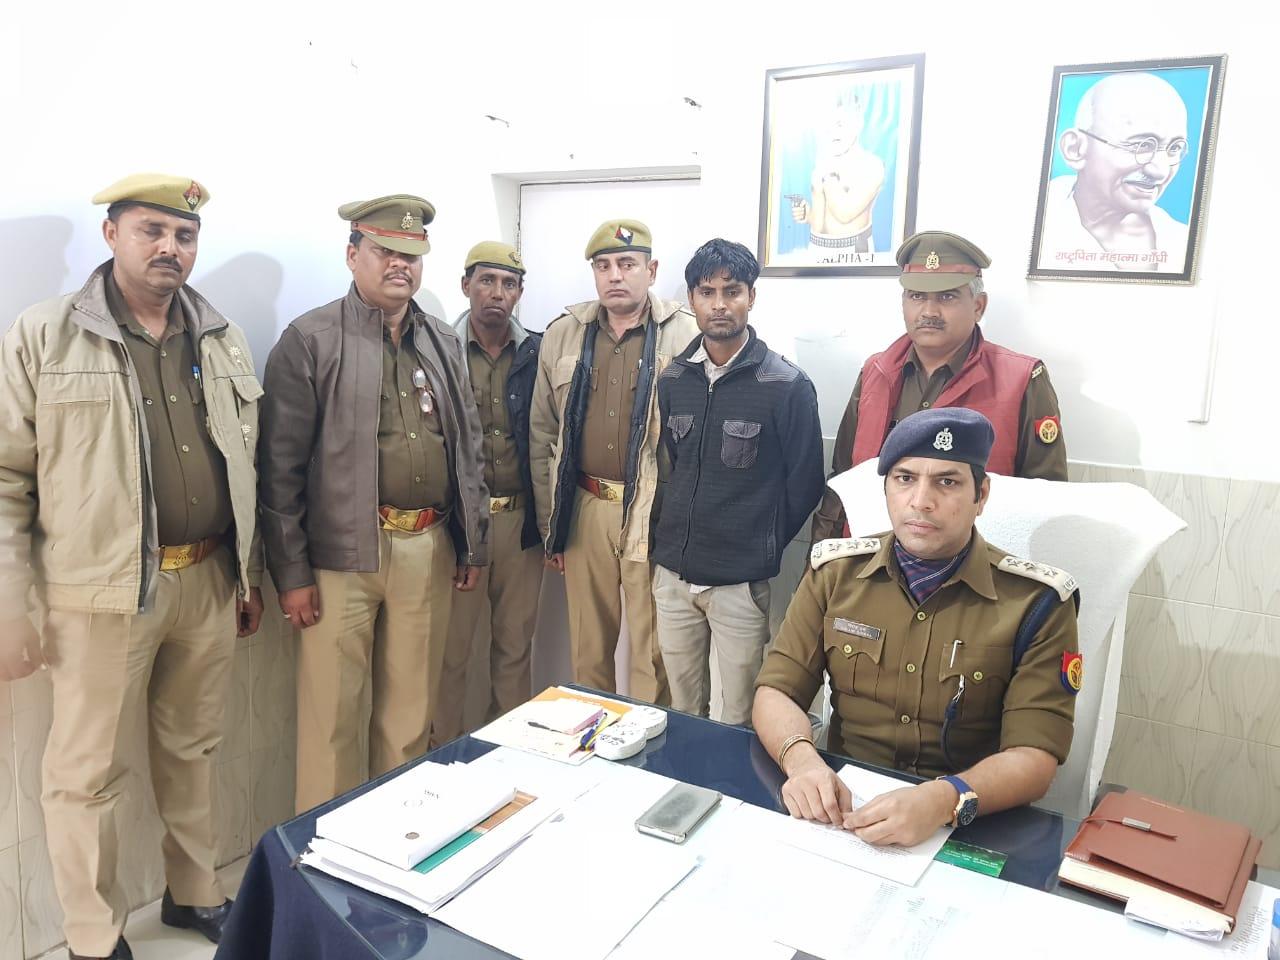 जनपद गौतमबुद्धनगर पुलिस का सराहनीय कार्य